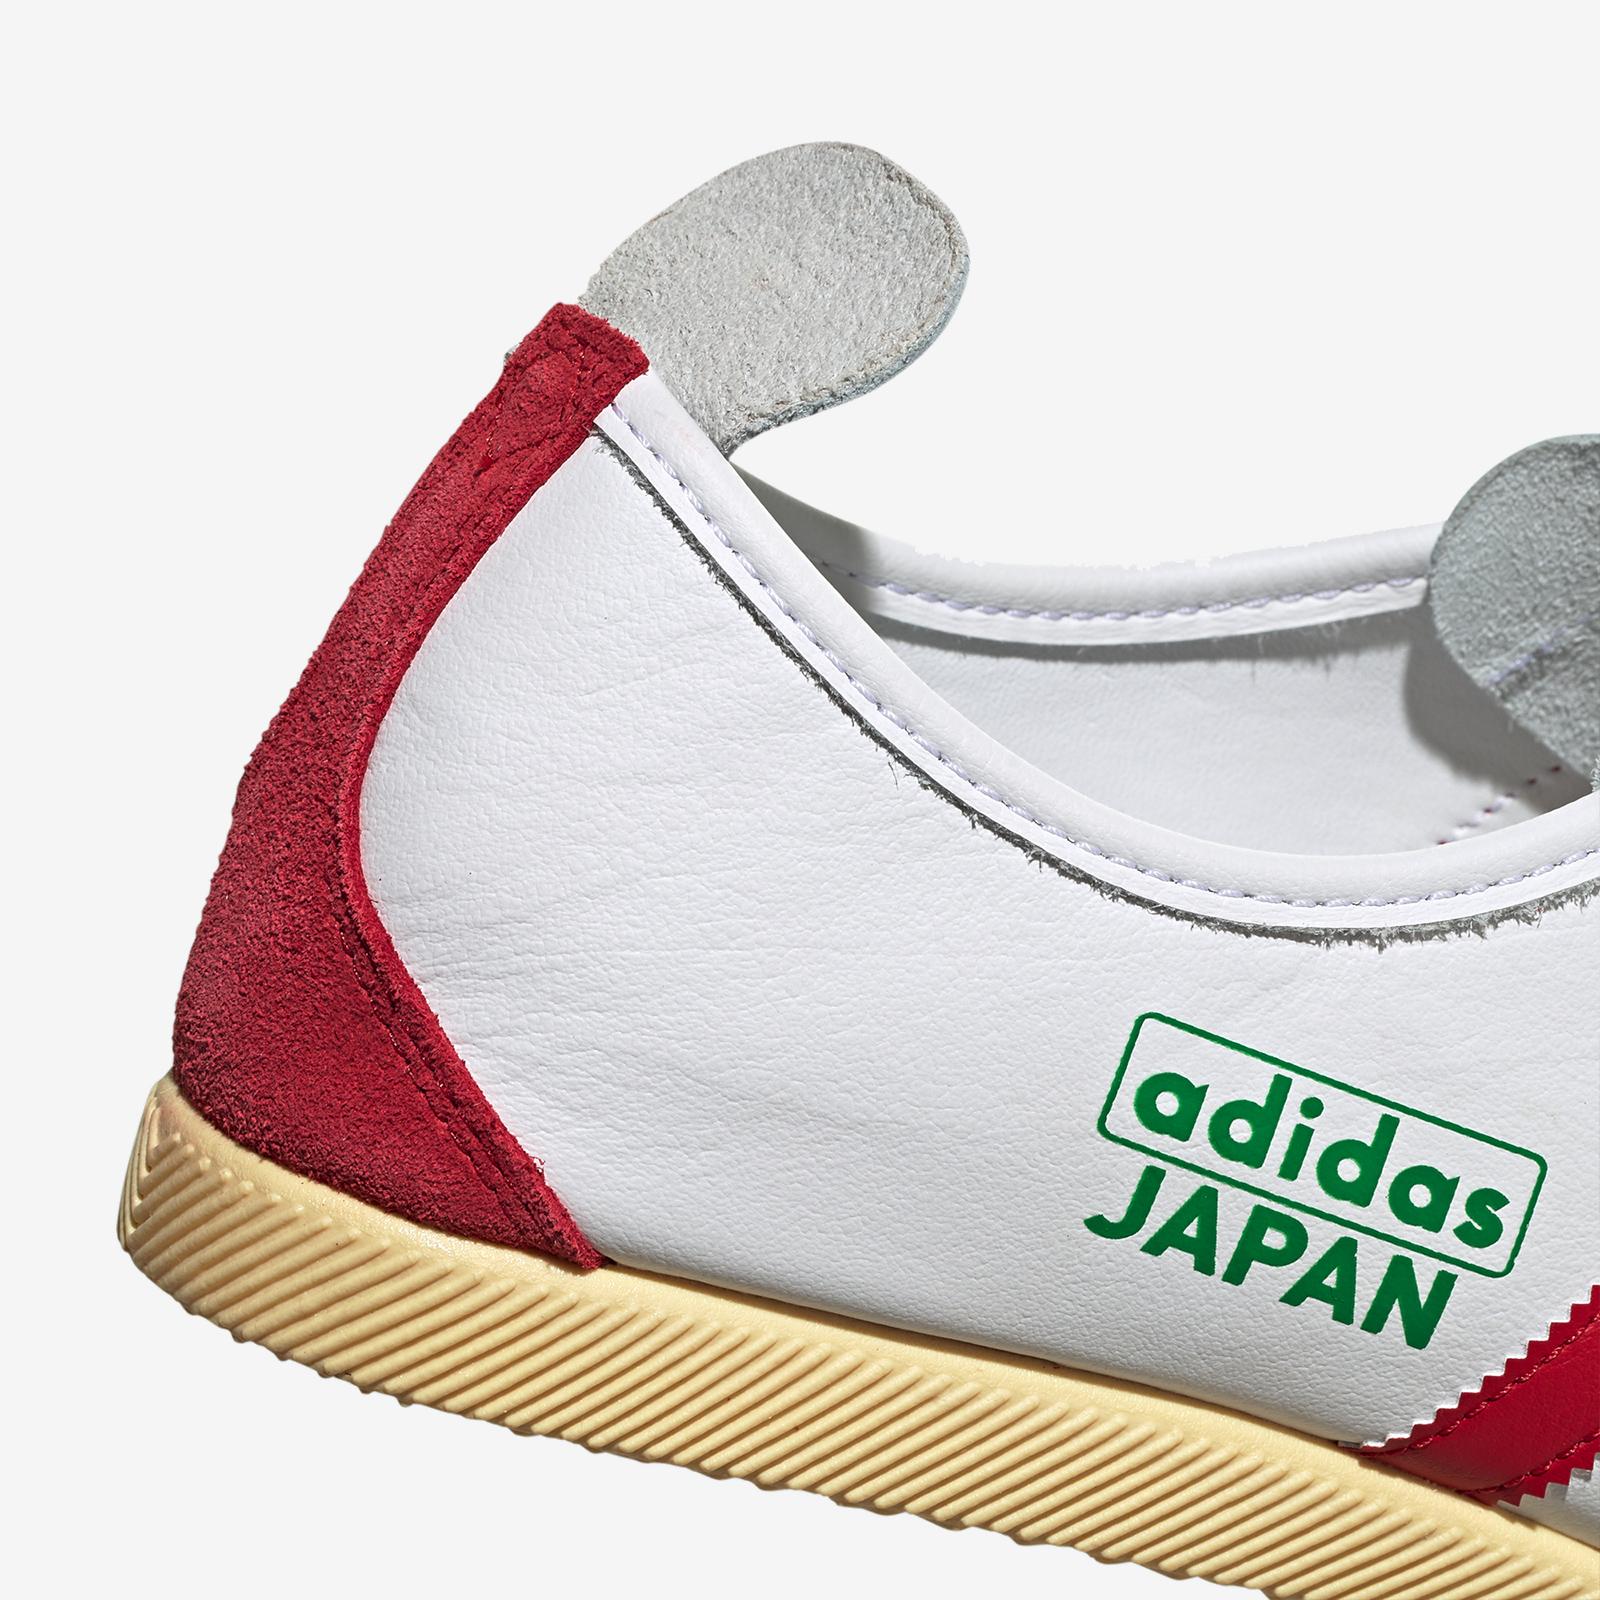 adidas Japan - Fv9697 - SNS   sneakers & streetwear online since 1999